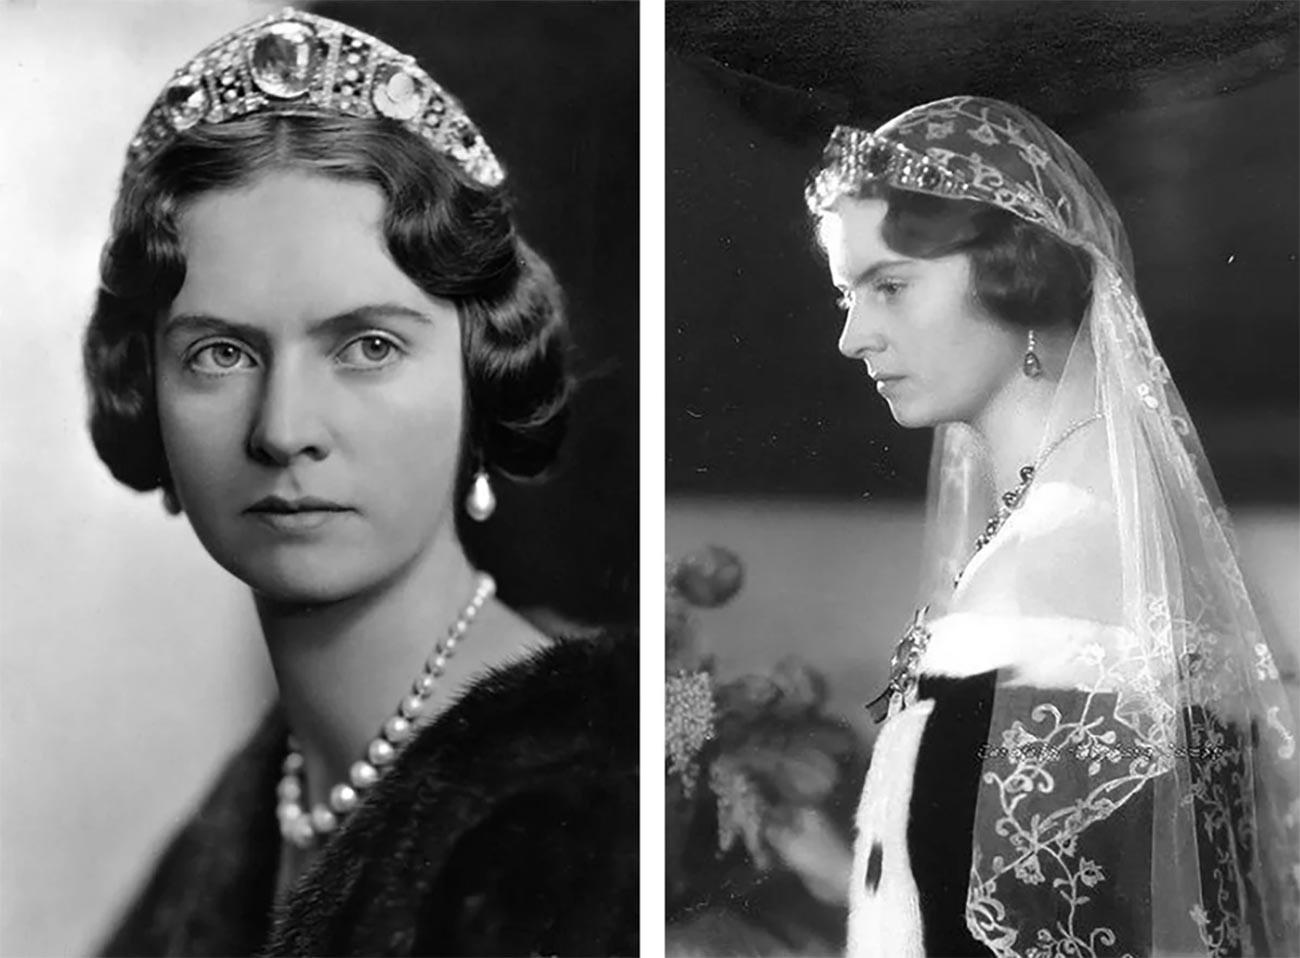 Prinzessin Sibylla von Saxe-Coburg und Gotha